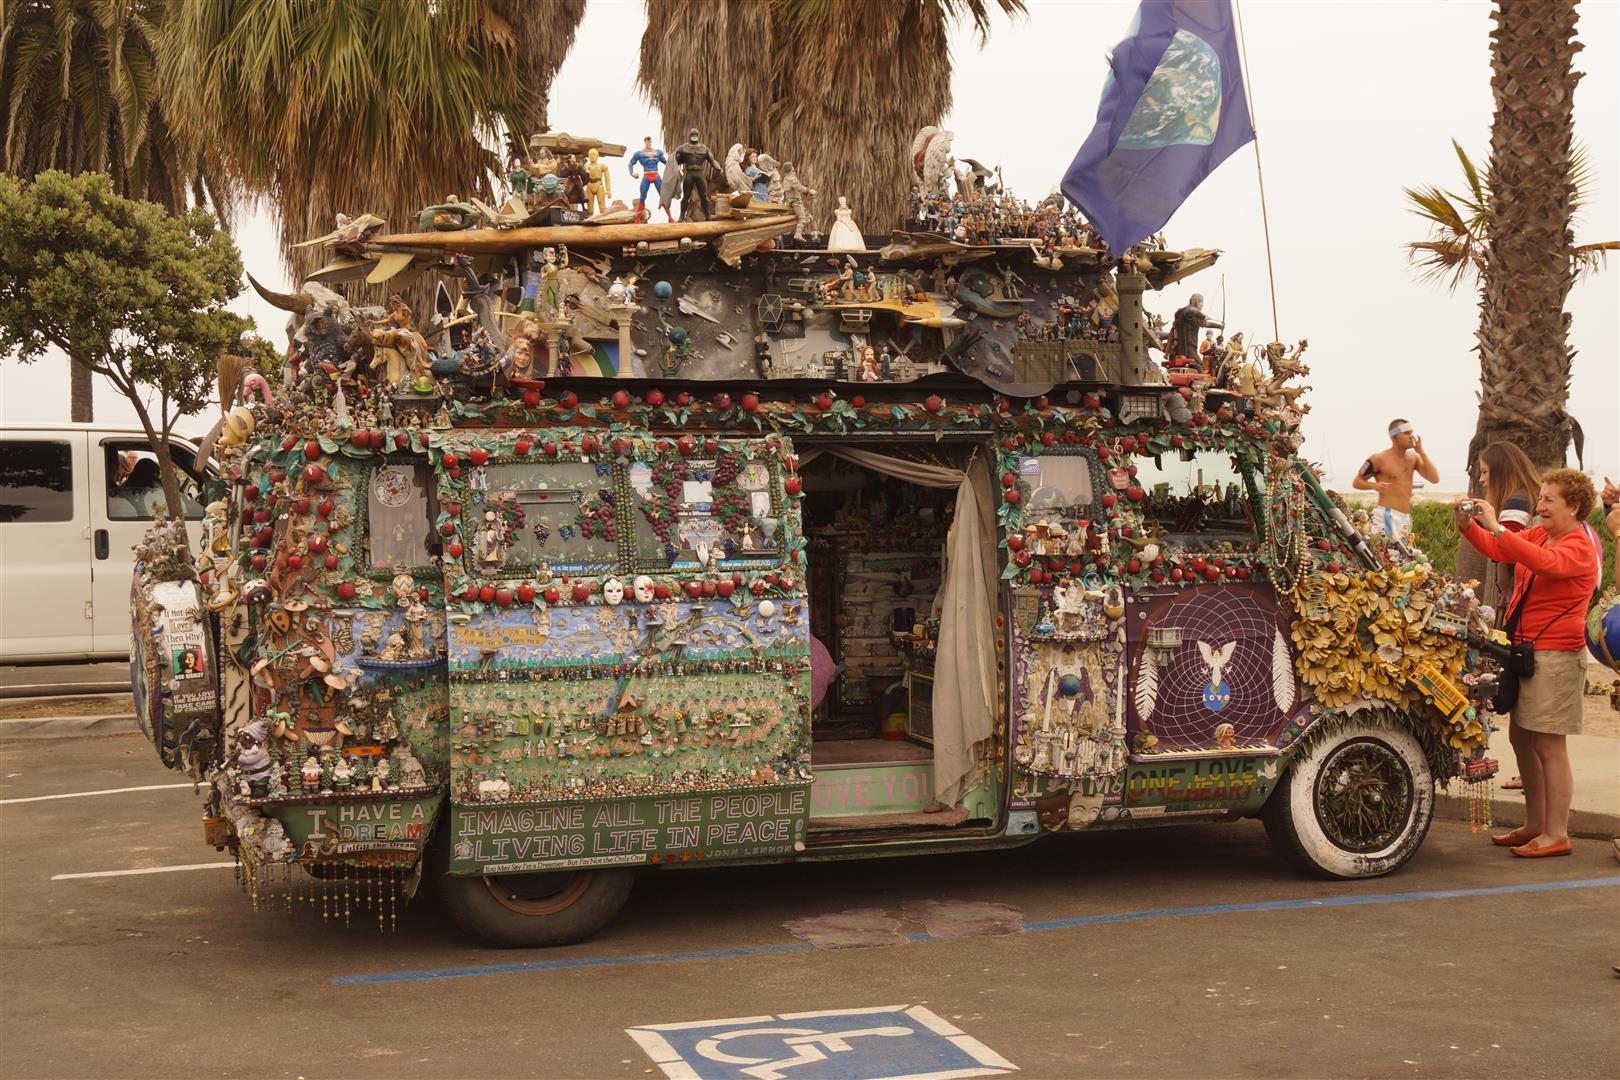 Hippie-Van am Strand. Man beachte die Detailverliebtheit!